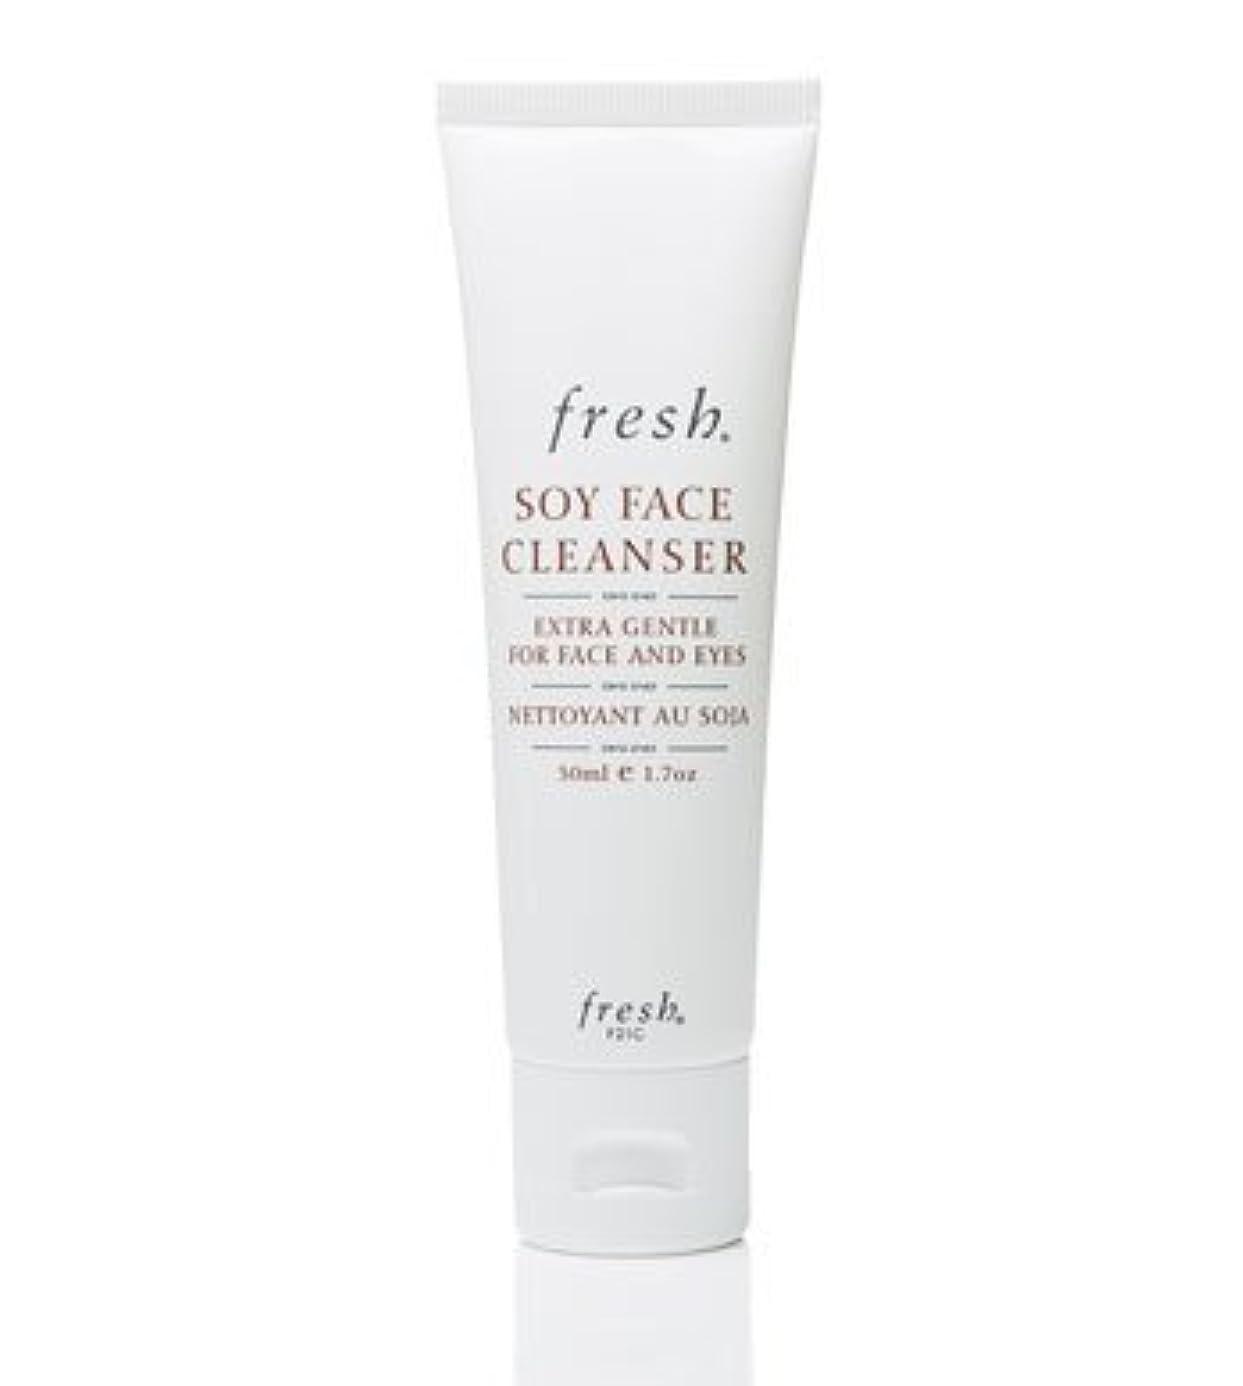 敬の念レッドデート虐待Fresh SOY FACE CLEANSER (フレッシュ ソイ フェイスクレンザー) 1.7 oz (50ml) by Fresh for Women